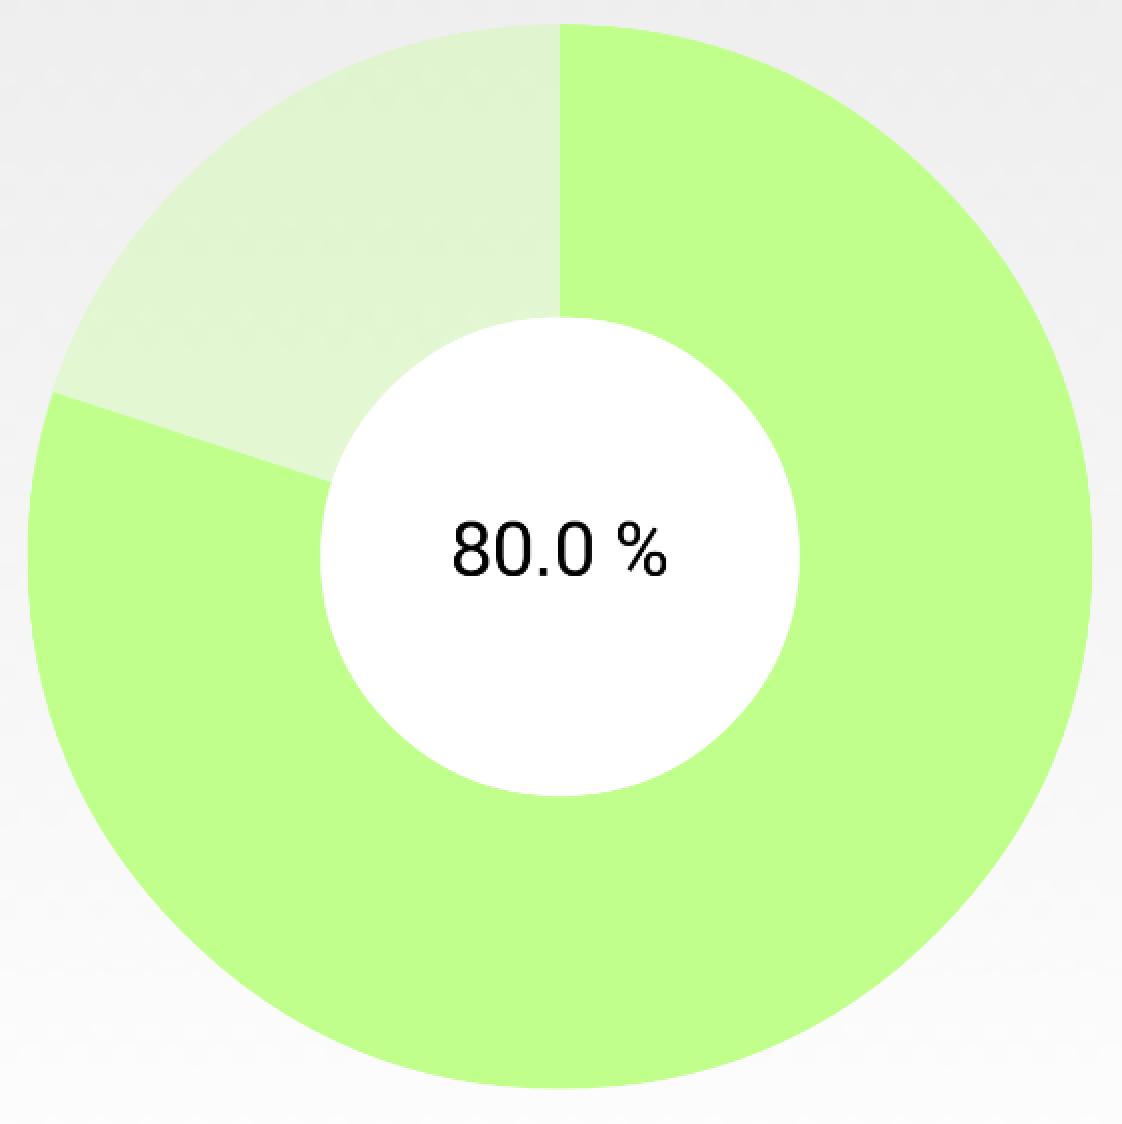 GitHub - PhilJay/CircleDisplay: Android View for displaying